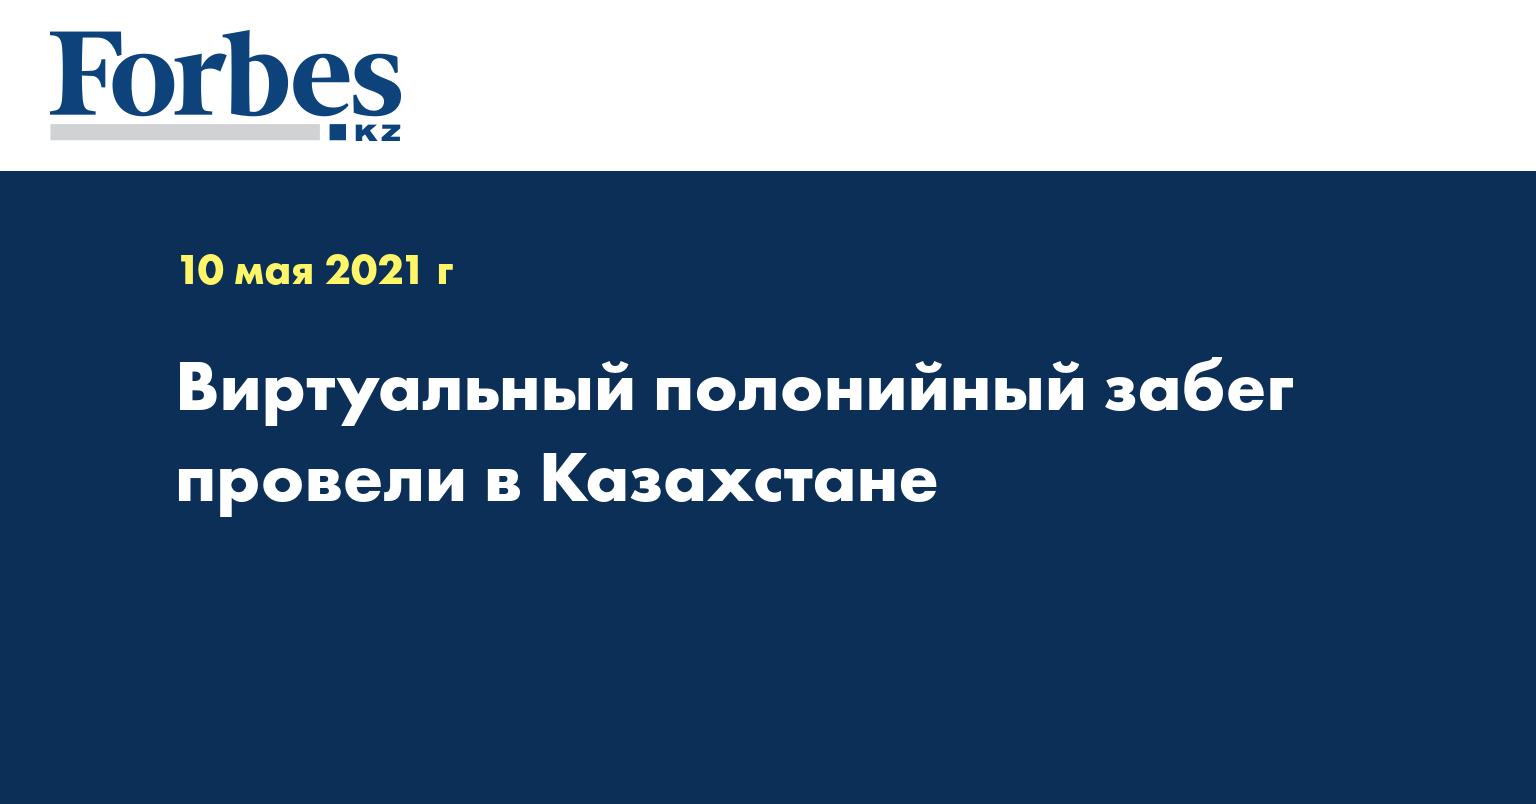 Виртуальный полонийный забег провели в Казахстане